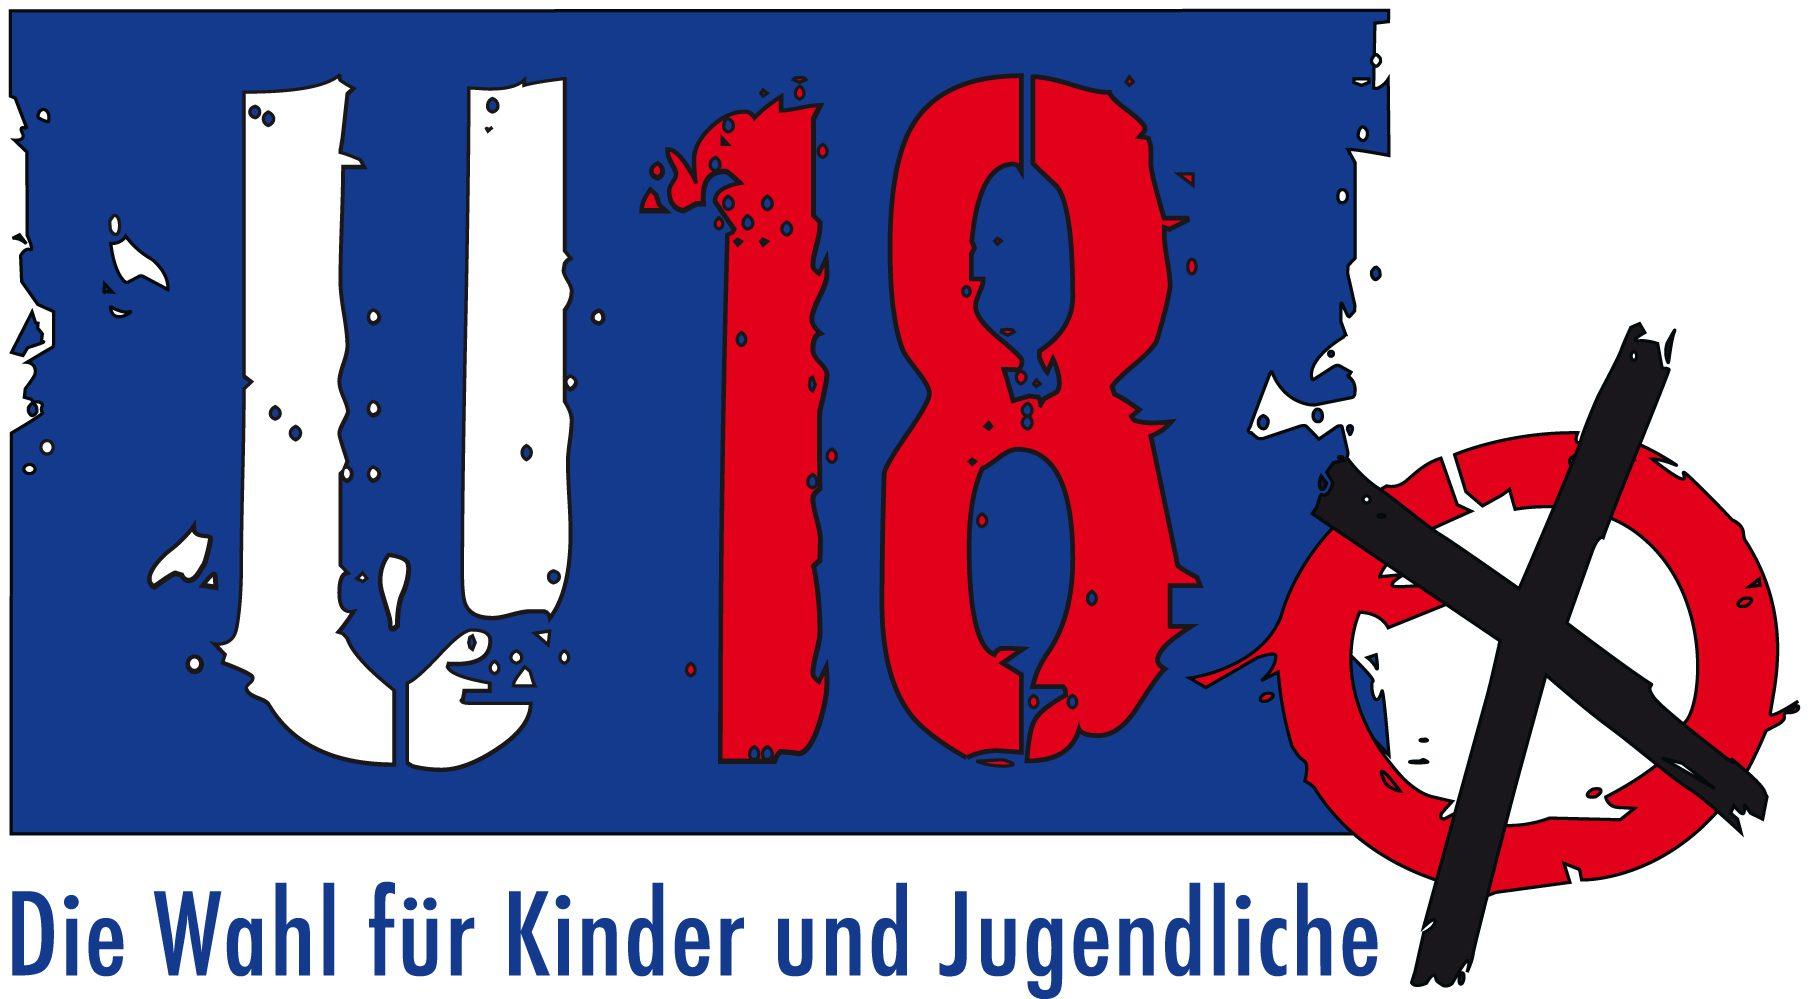 U18 – Die Wahl für Kinder und Jugendliche – Koordinierungsstelle Brandenburg